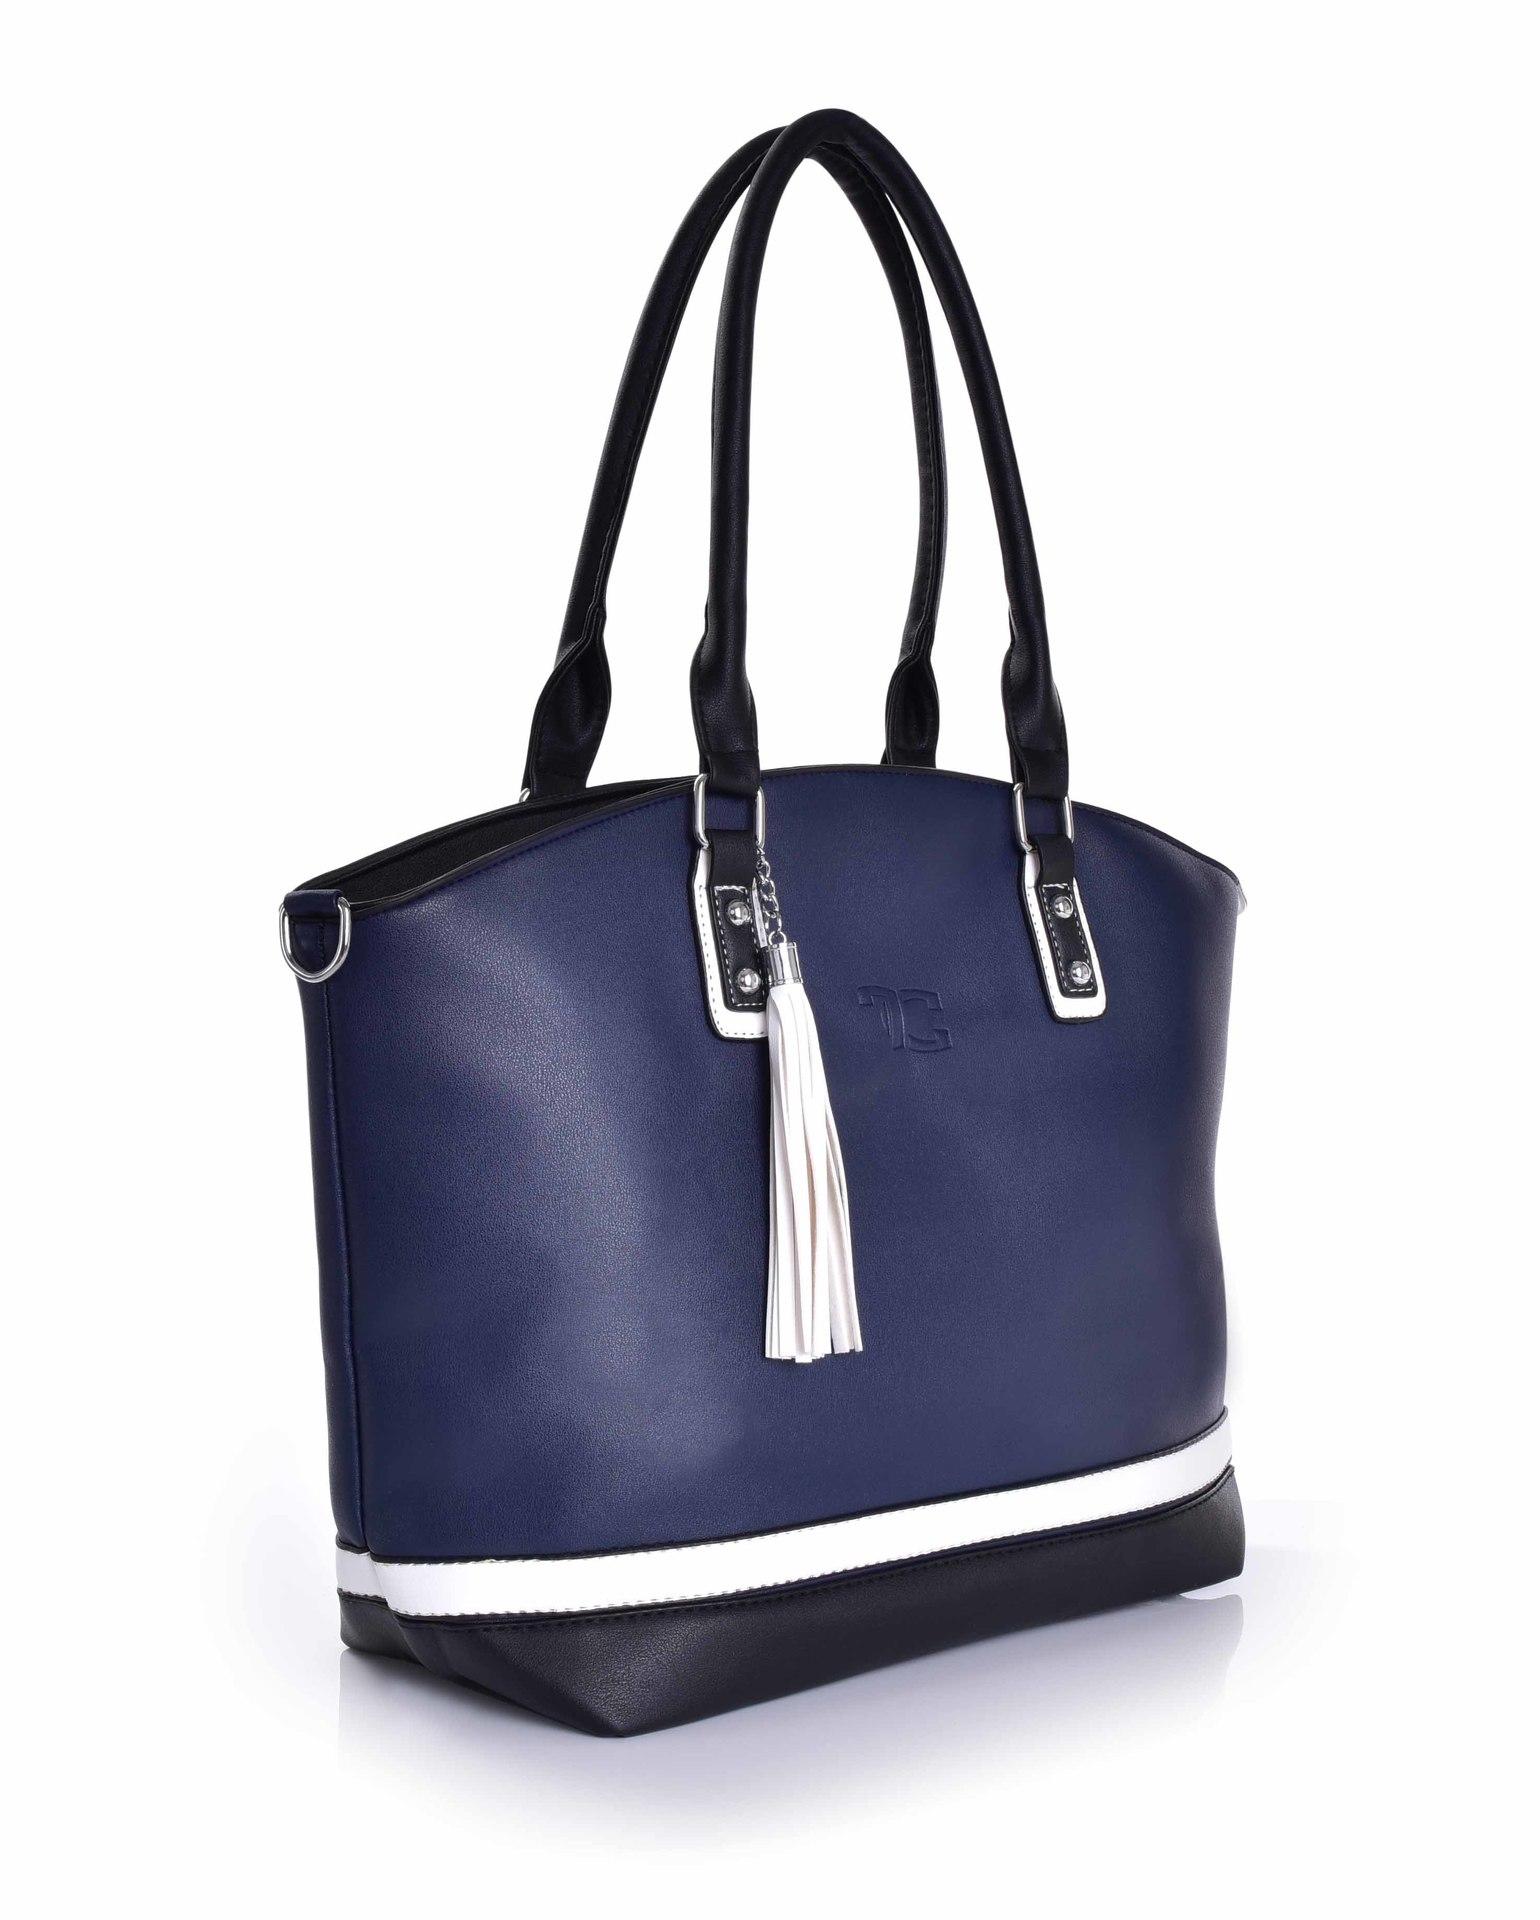 TRINITY kabelka z ekokože - modrá